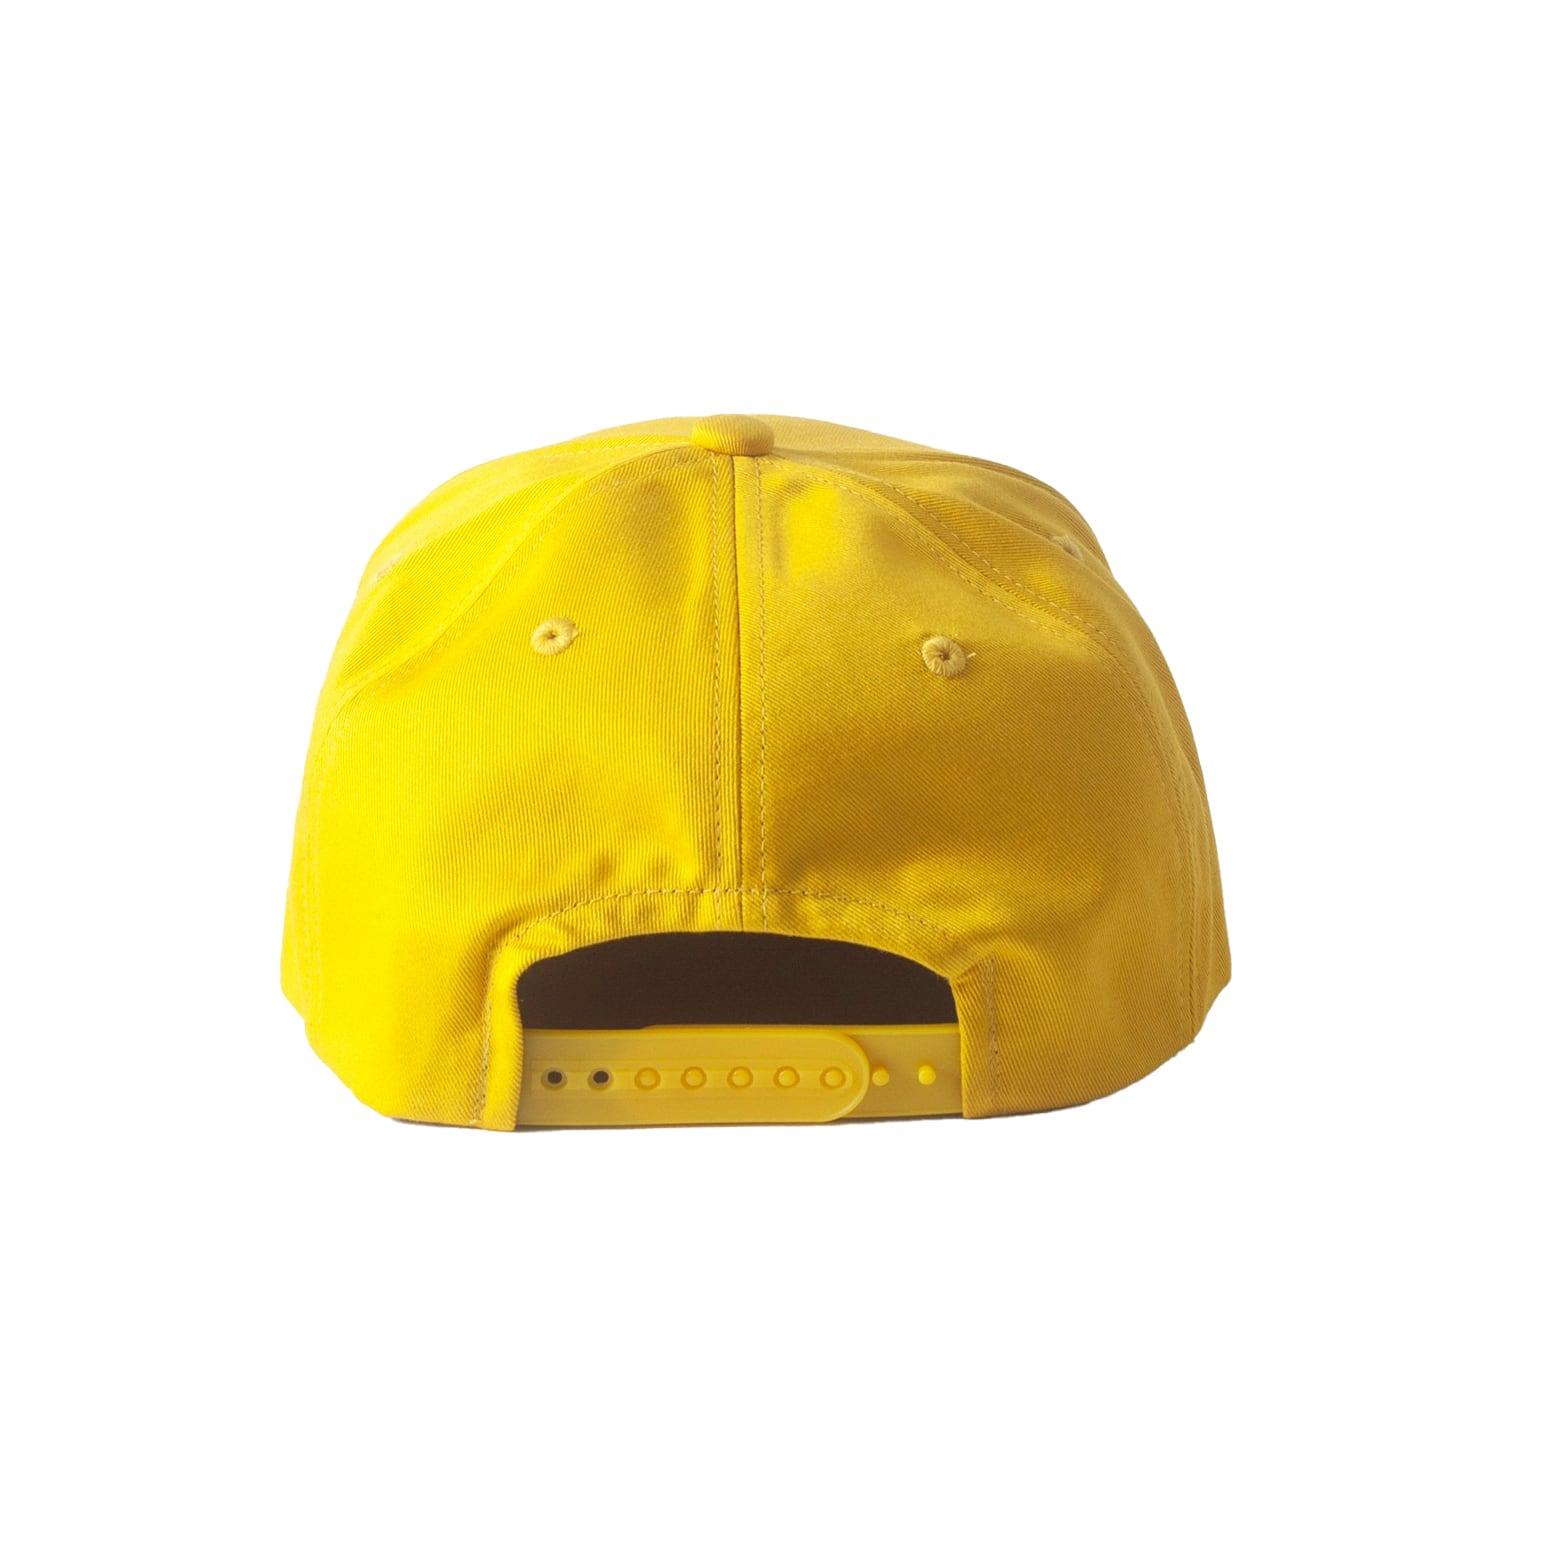 NEW COMMUNE 5 PANEL CAP / YELLOW - 画像2